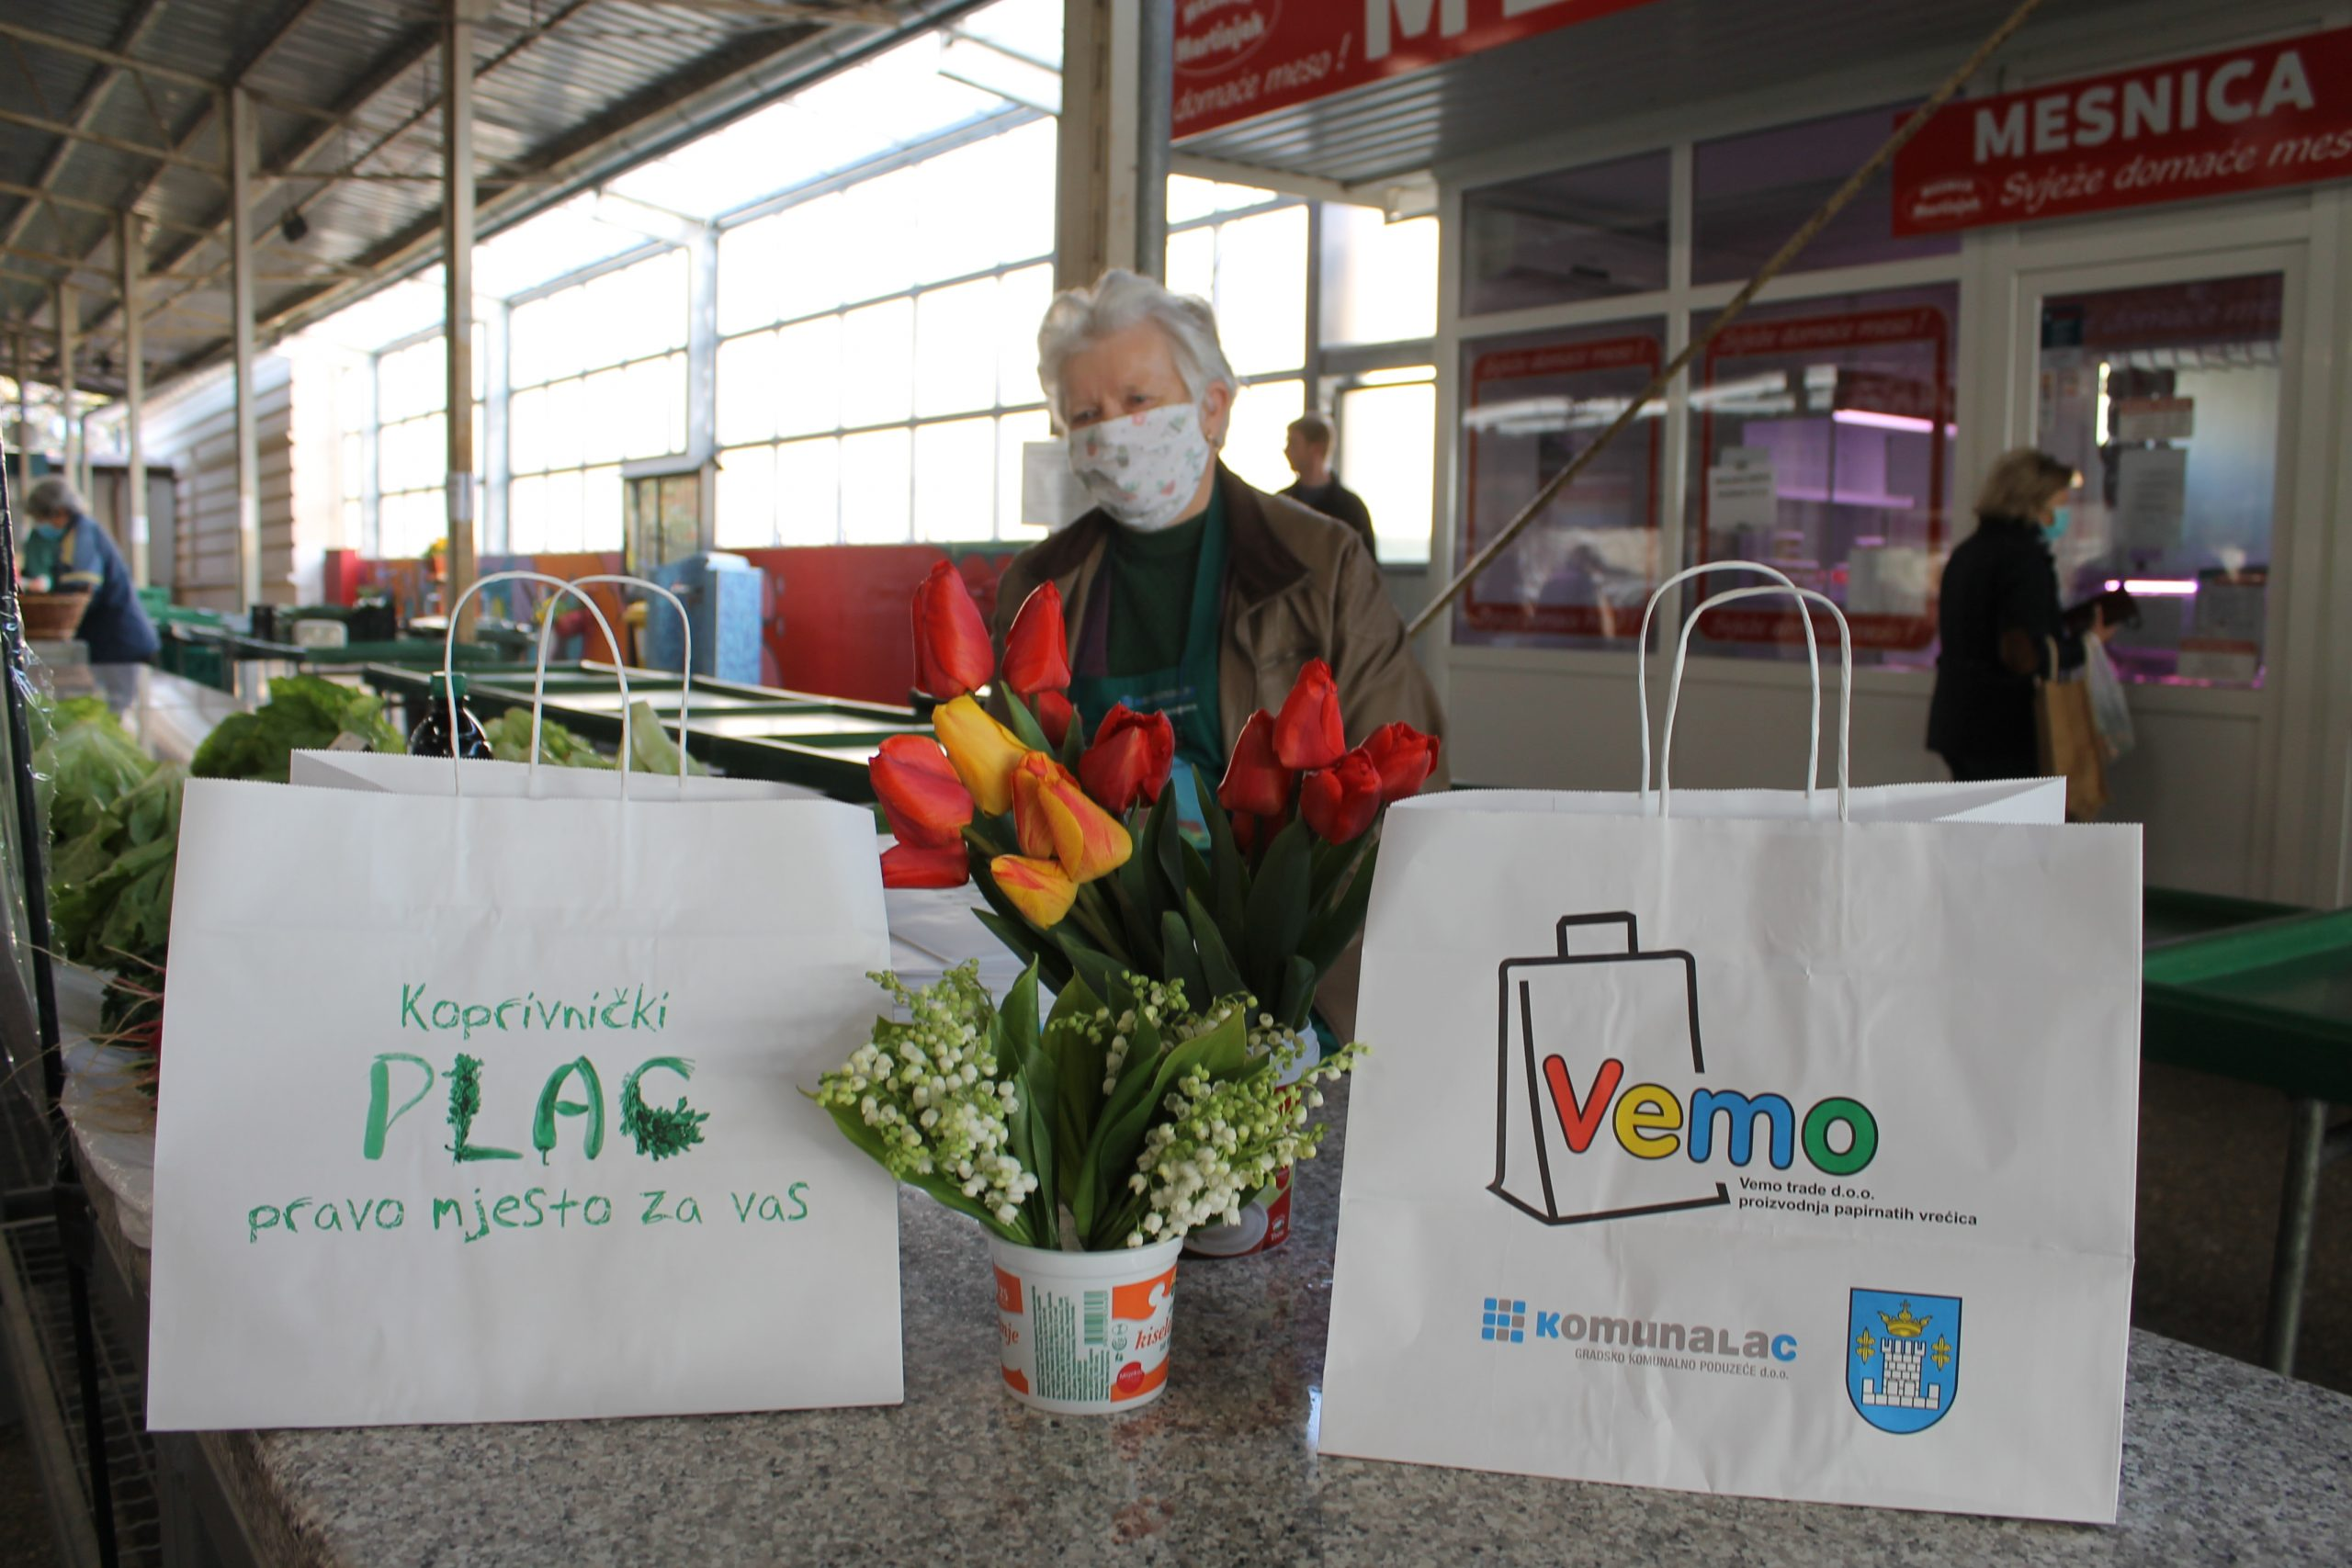 Prodavačima na Gradskoj tržnici Vemo trade donirao 10.000 papirnatih vrećica